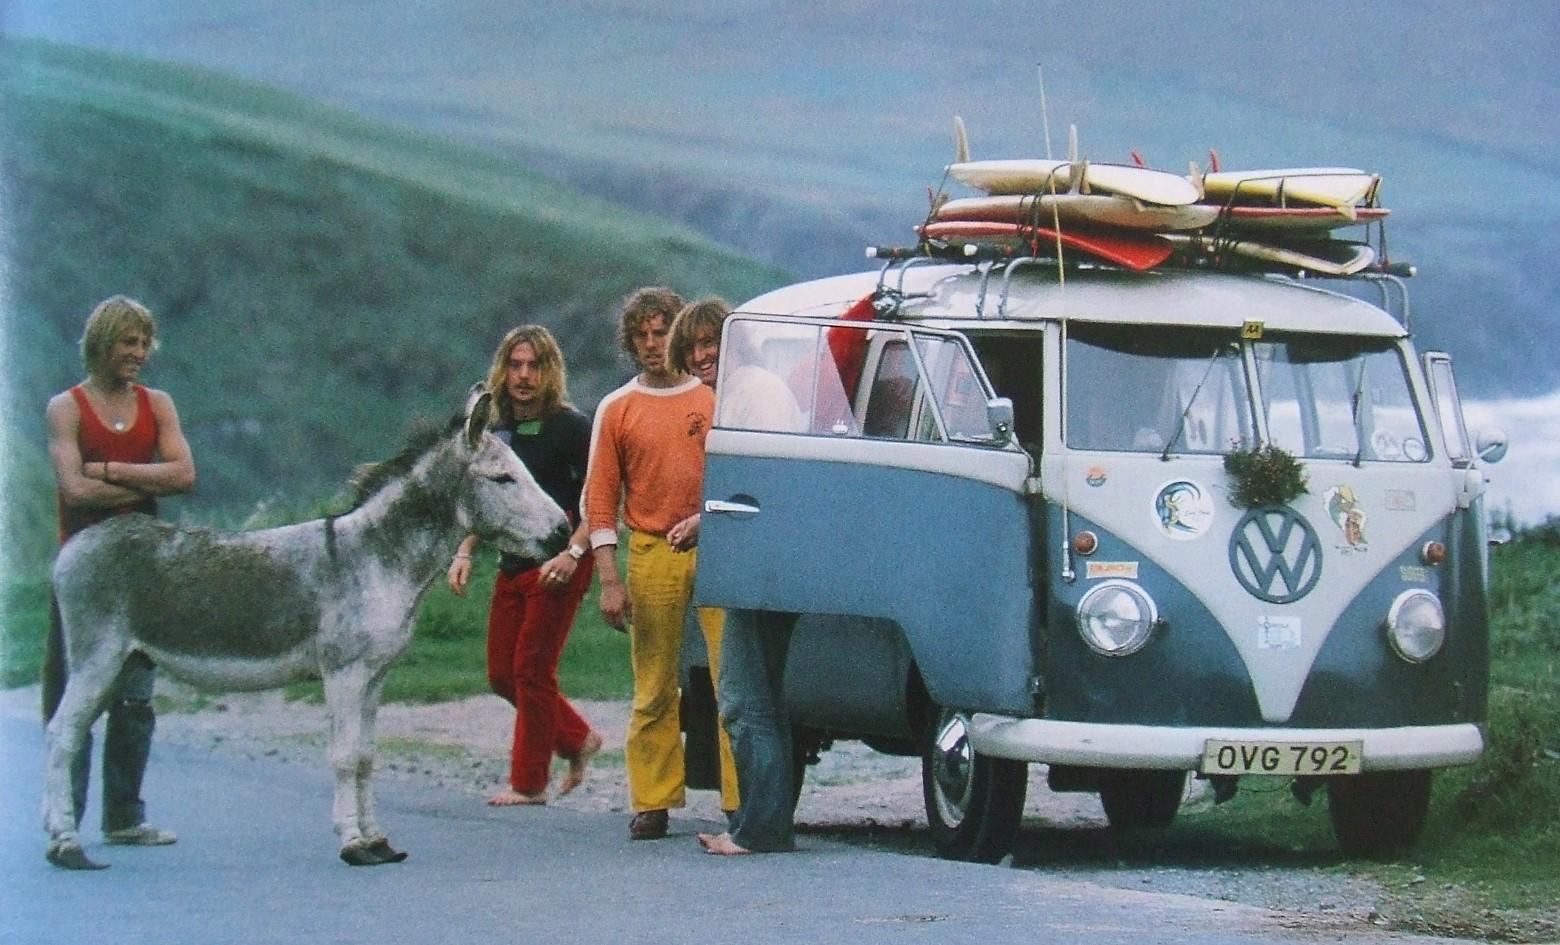 vintage surfboard collector uk welsh rarebits